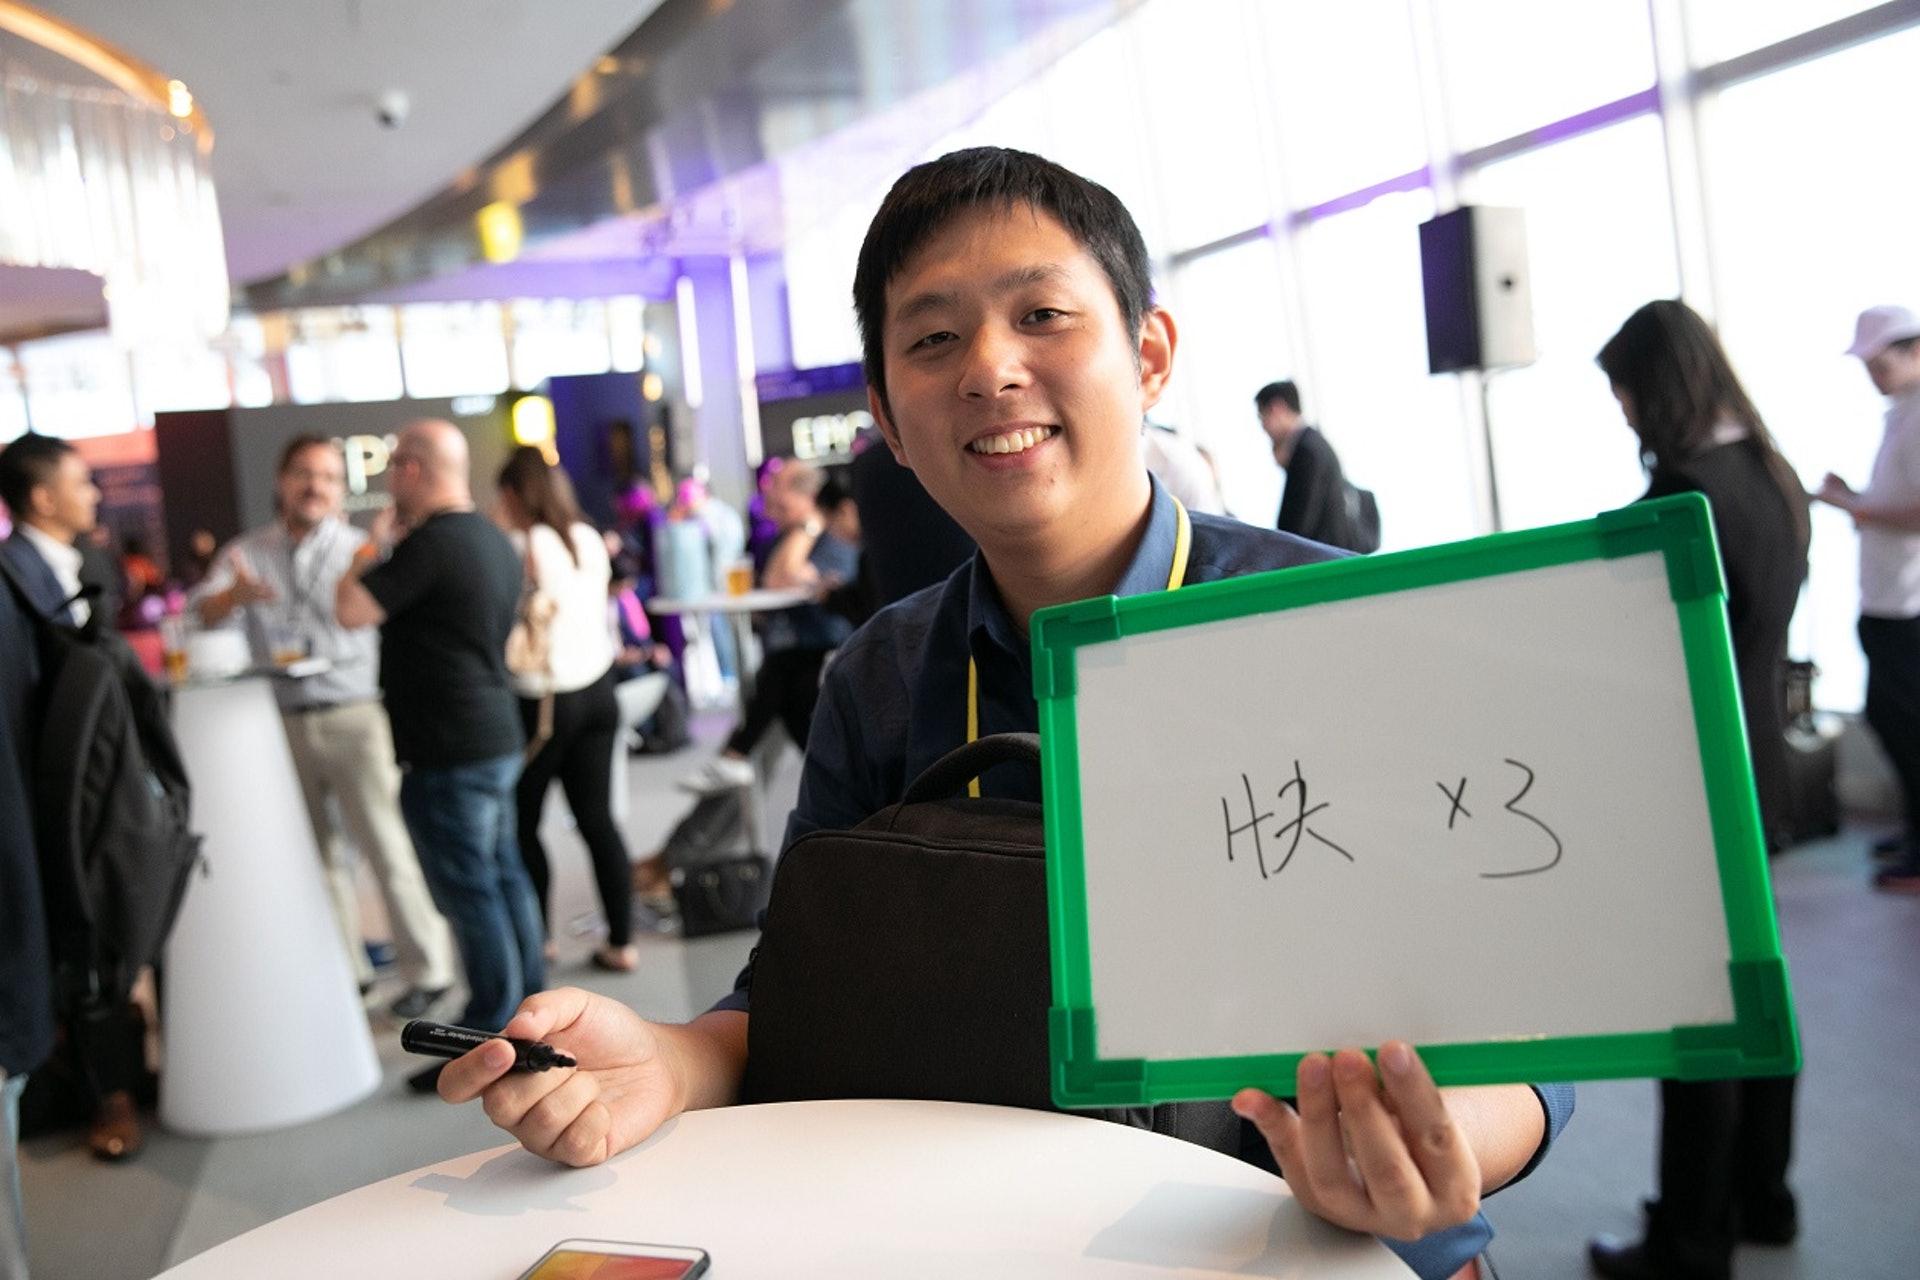 【快X 3】台灣創企Celaqua的創辦人翟容迪原來已是第二次參加電梯募投,更曾當上台灣站的冠軍。要他寫下對香港創業生態圈的感覺,他不加思索便完成了,「香港搞創業,要快、快、快!」